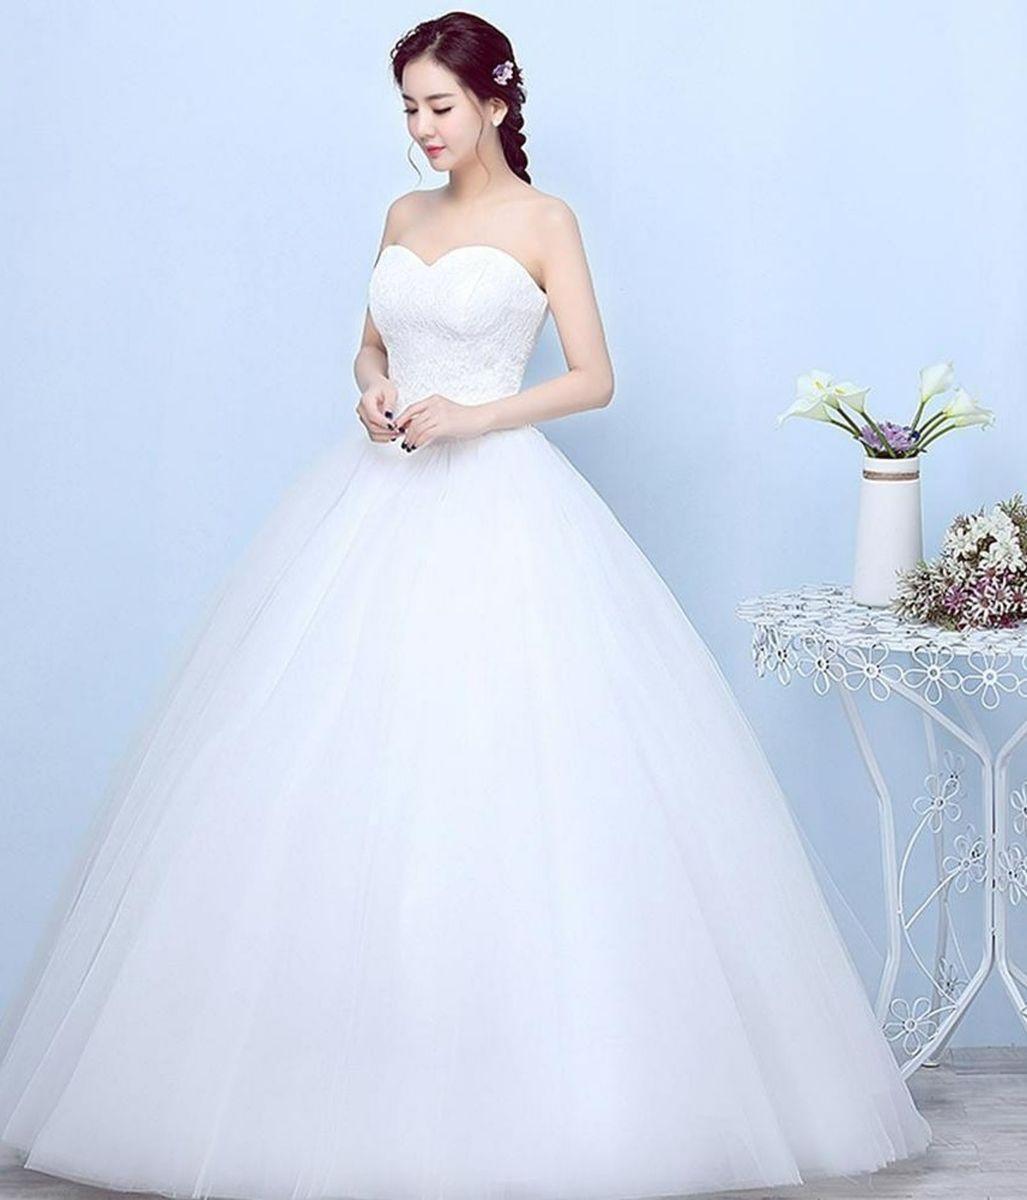 vestido de noiva - vestidos sem-marca